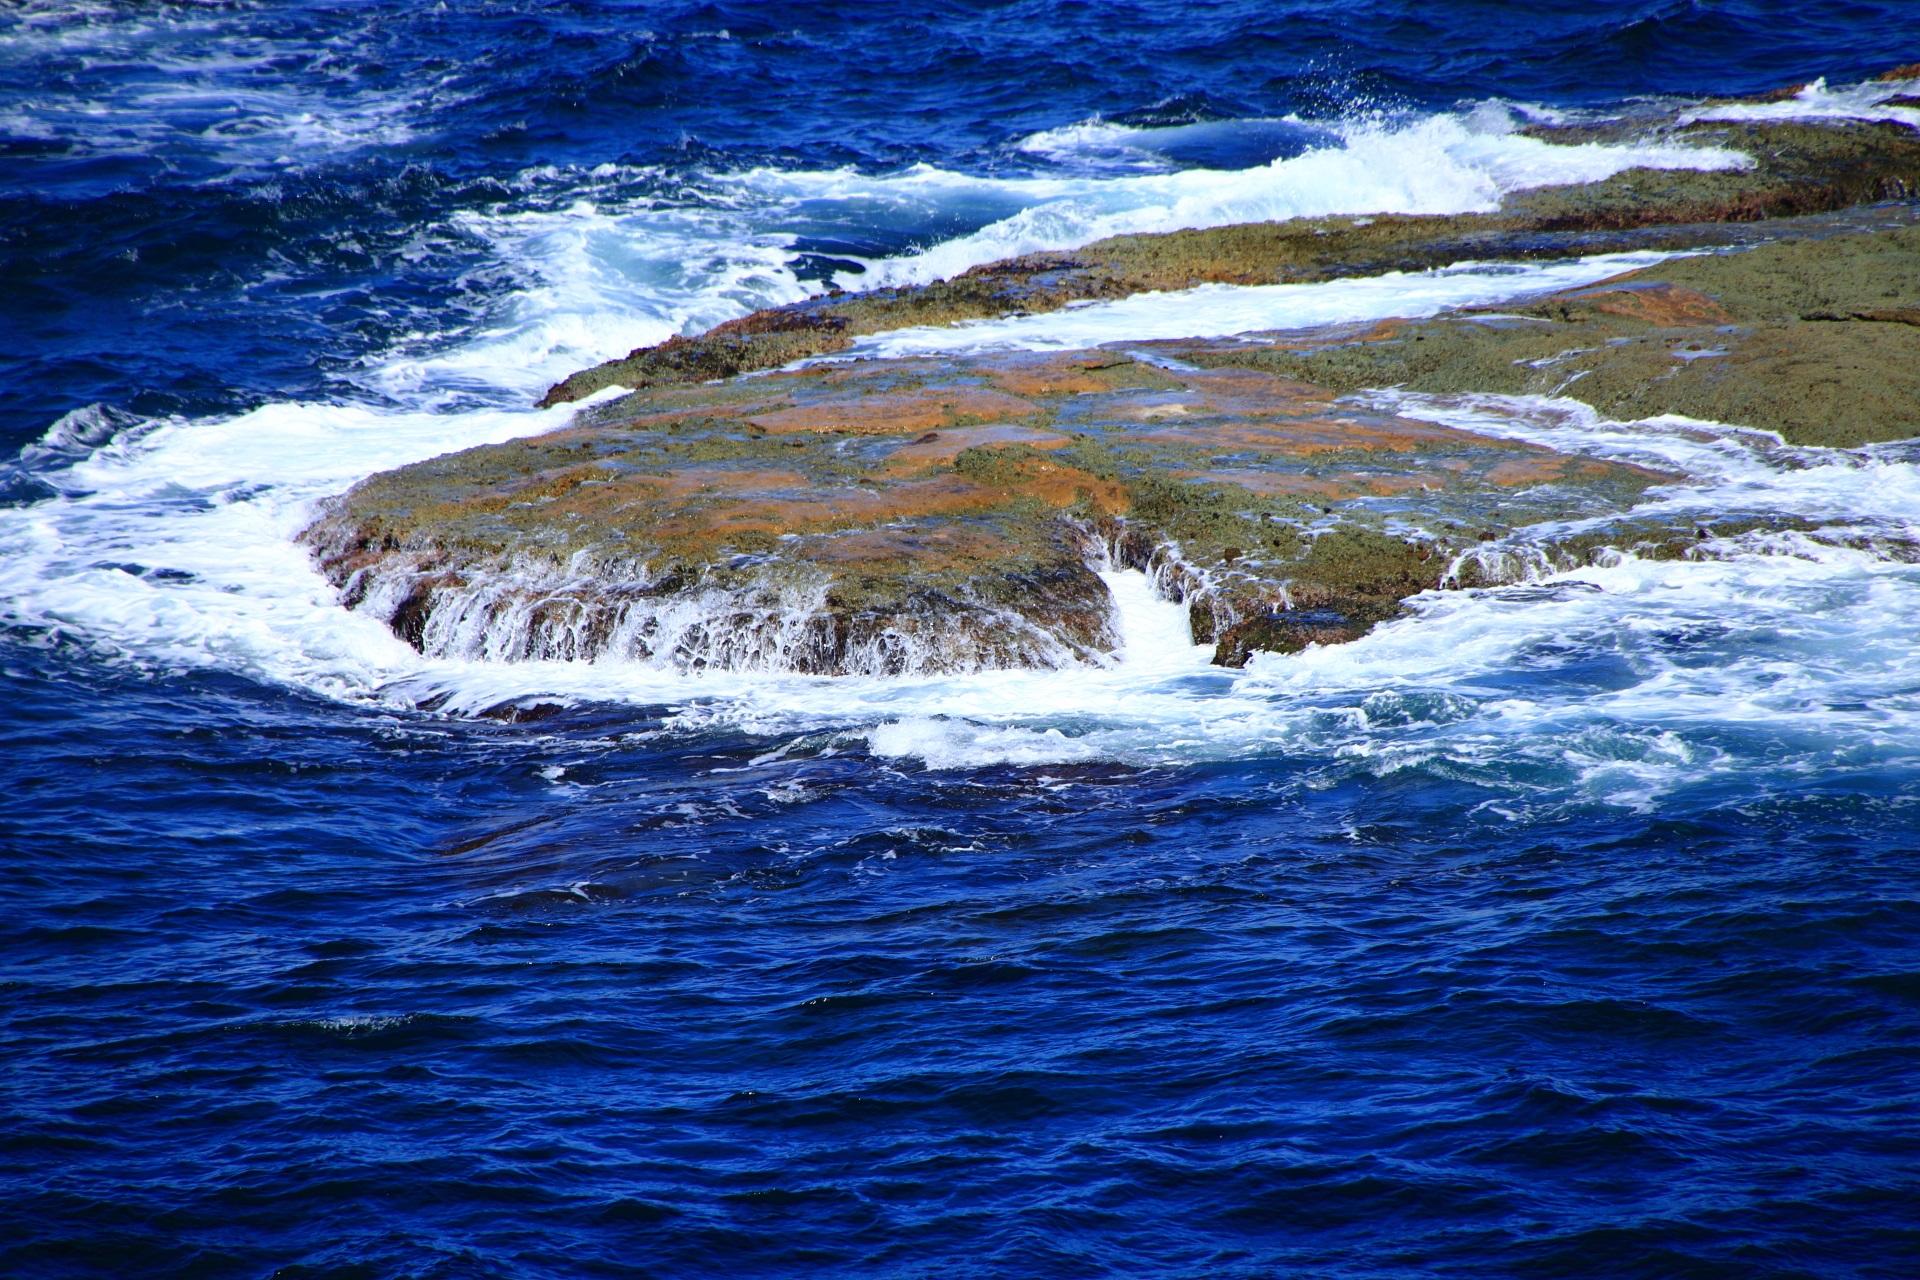 何百年も繰り返し波が打ち寄せる平らな岩